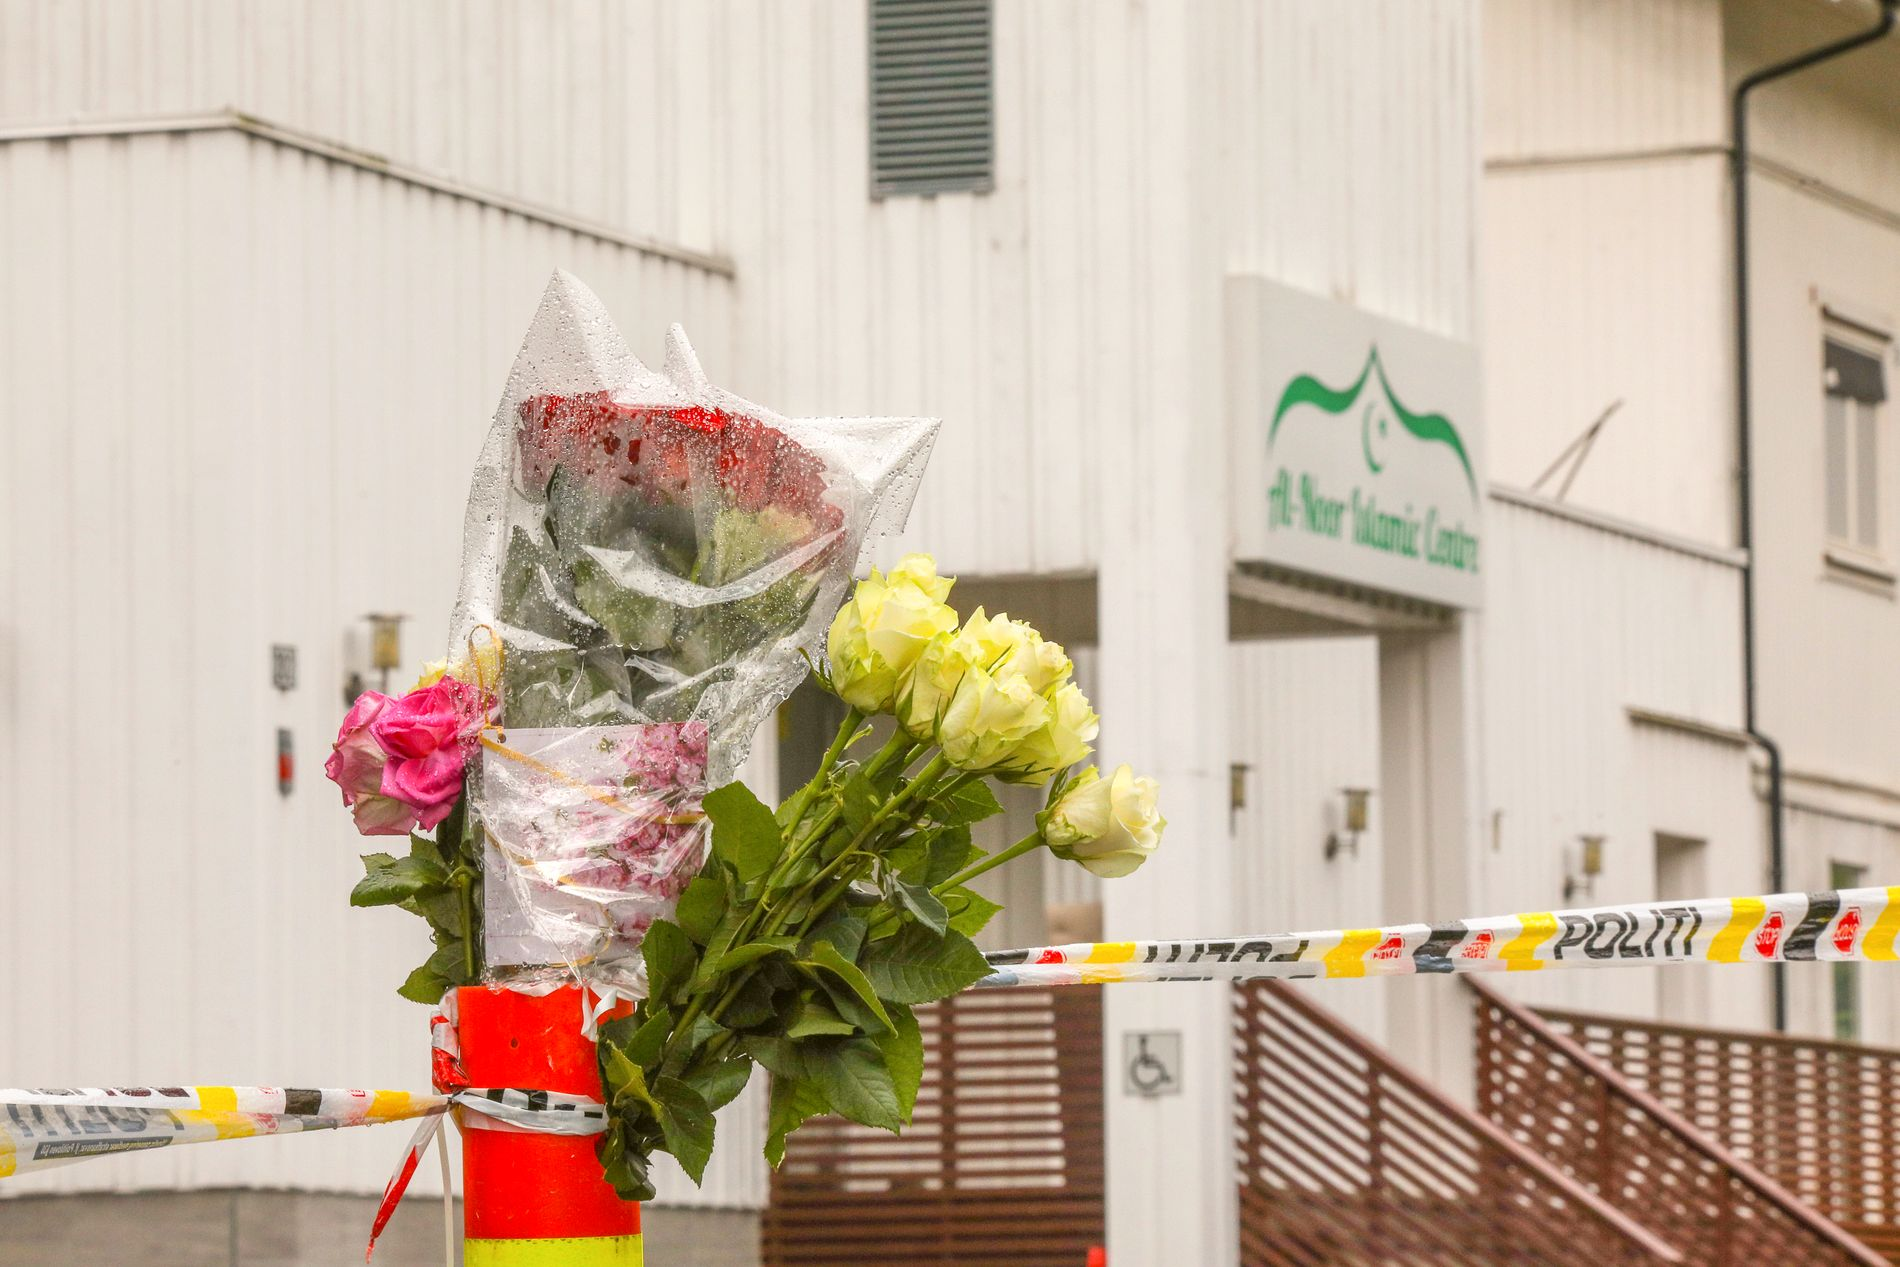 BLOMSTER: Flere har plassert blomster utenfor Al-Noor Islamic Centre, der skytingen skjedde lørdag ettermiddag.